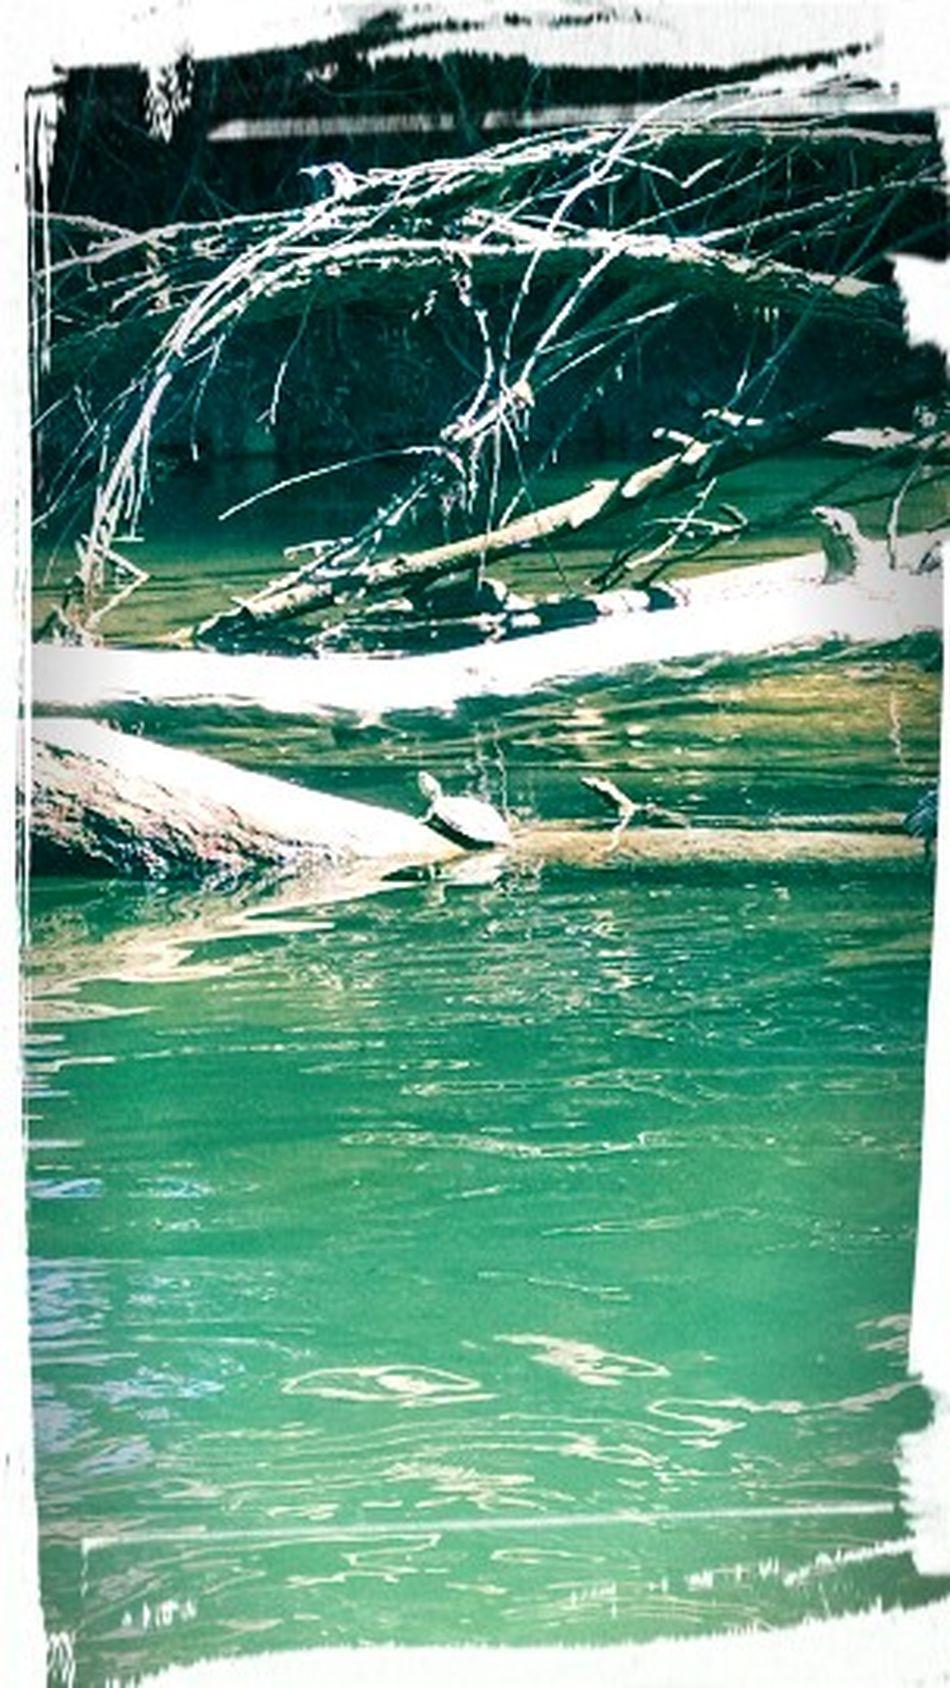 Turtles(: Creek Turtles